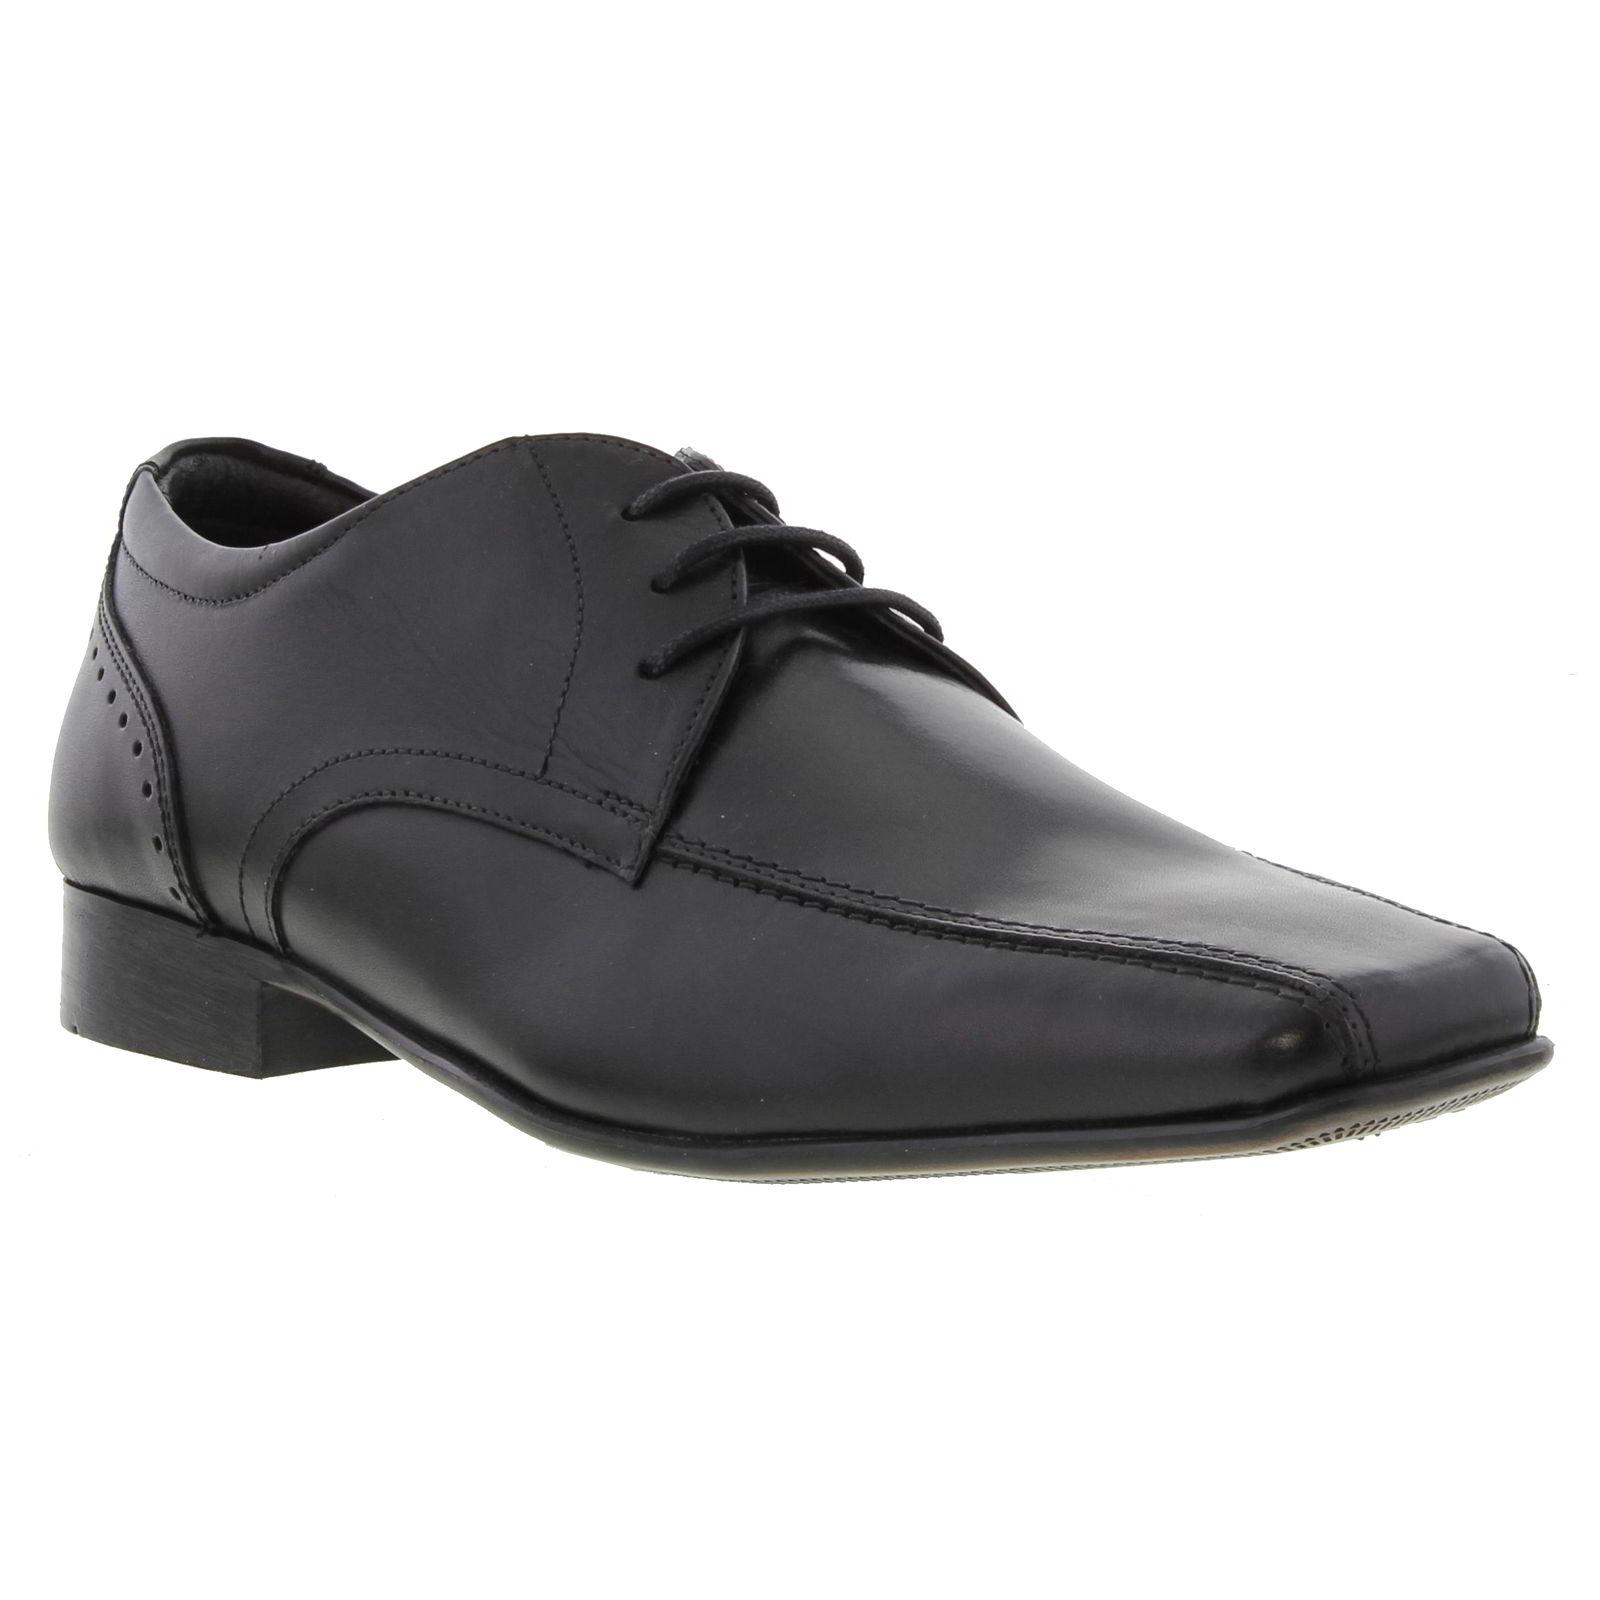 Ikon Mens Fraser Leather Lace Up Shoes - Black